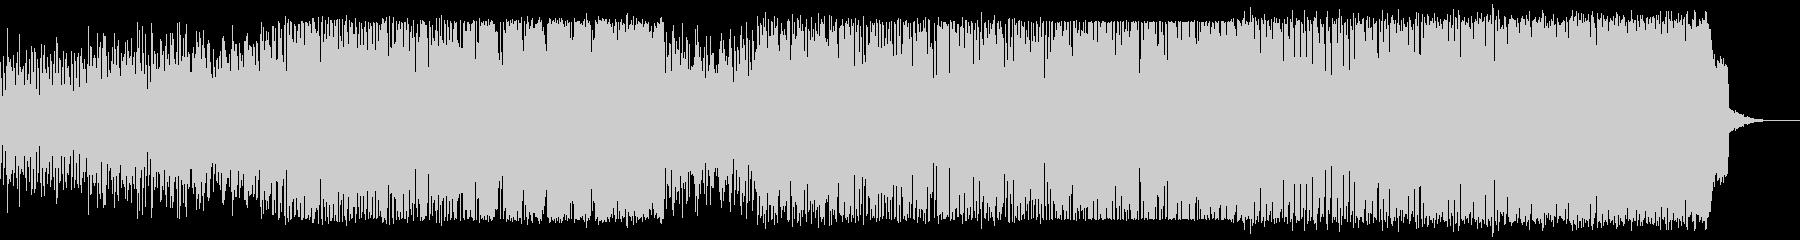 ミステリアスなループ的EDMの未再生の波形